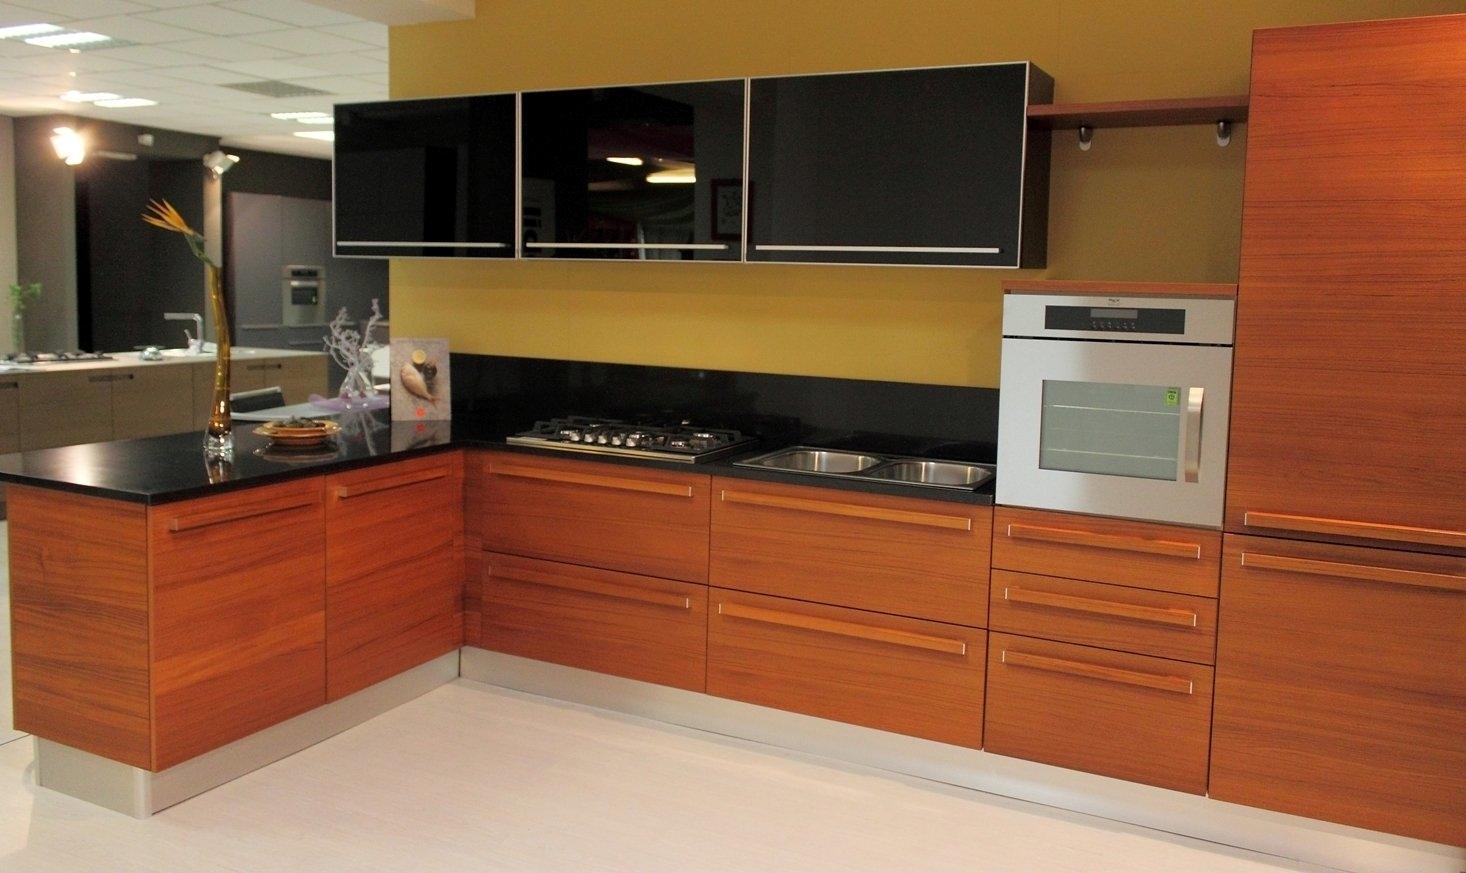 Cucina arrital doimo offerta 4398 cucine a prezzi scontati for Garofoli listino prezzi pdf